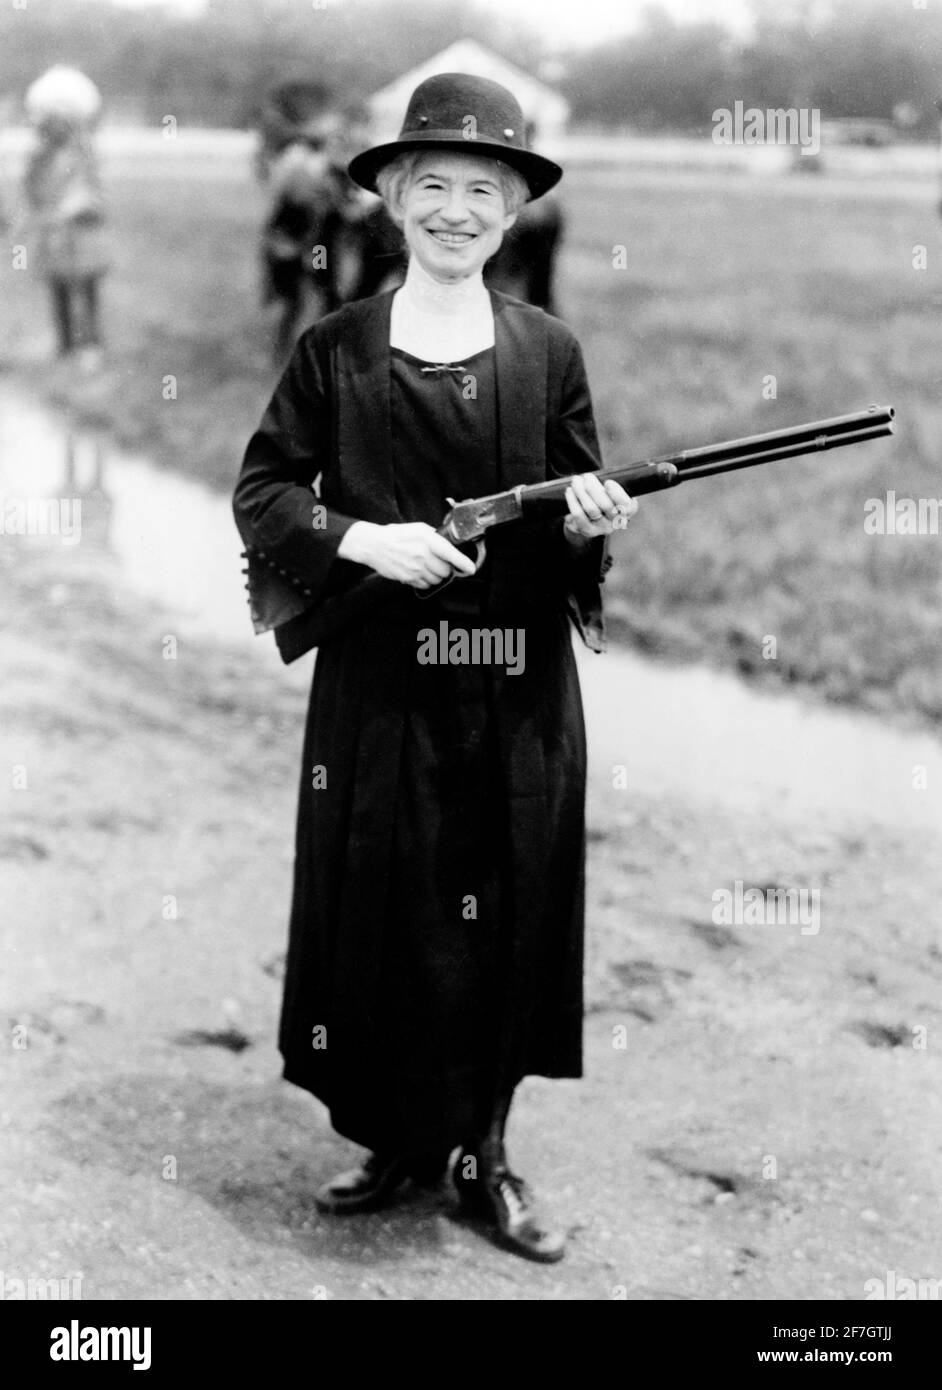 Annie Oakley mit der Waffe, die ihr Buffalo Bill gegeben hat. Porträt der berühmten amerikanischen Scharfschützin, Annie Oakley (B. Phoebe Ann Mosey, 1860-1926) , 1922 Stockfoto